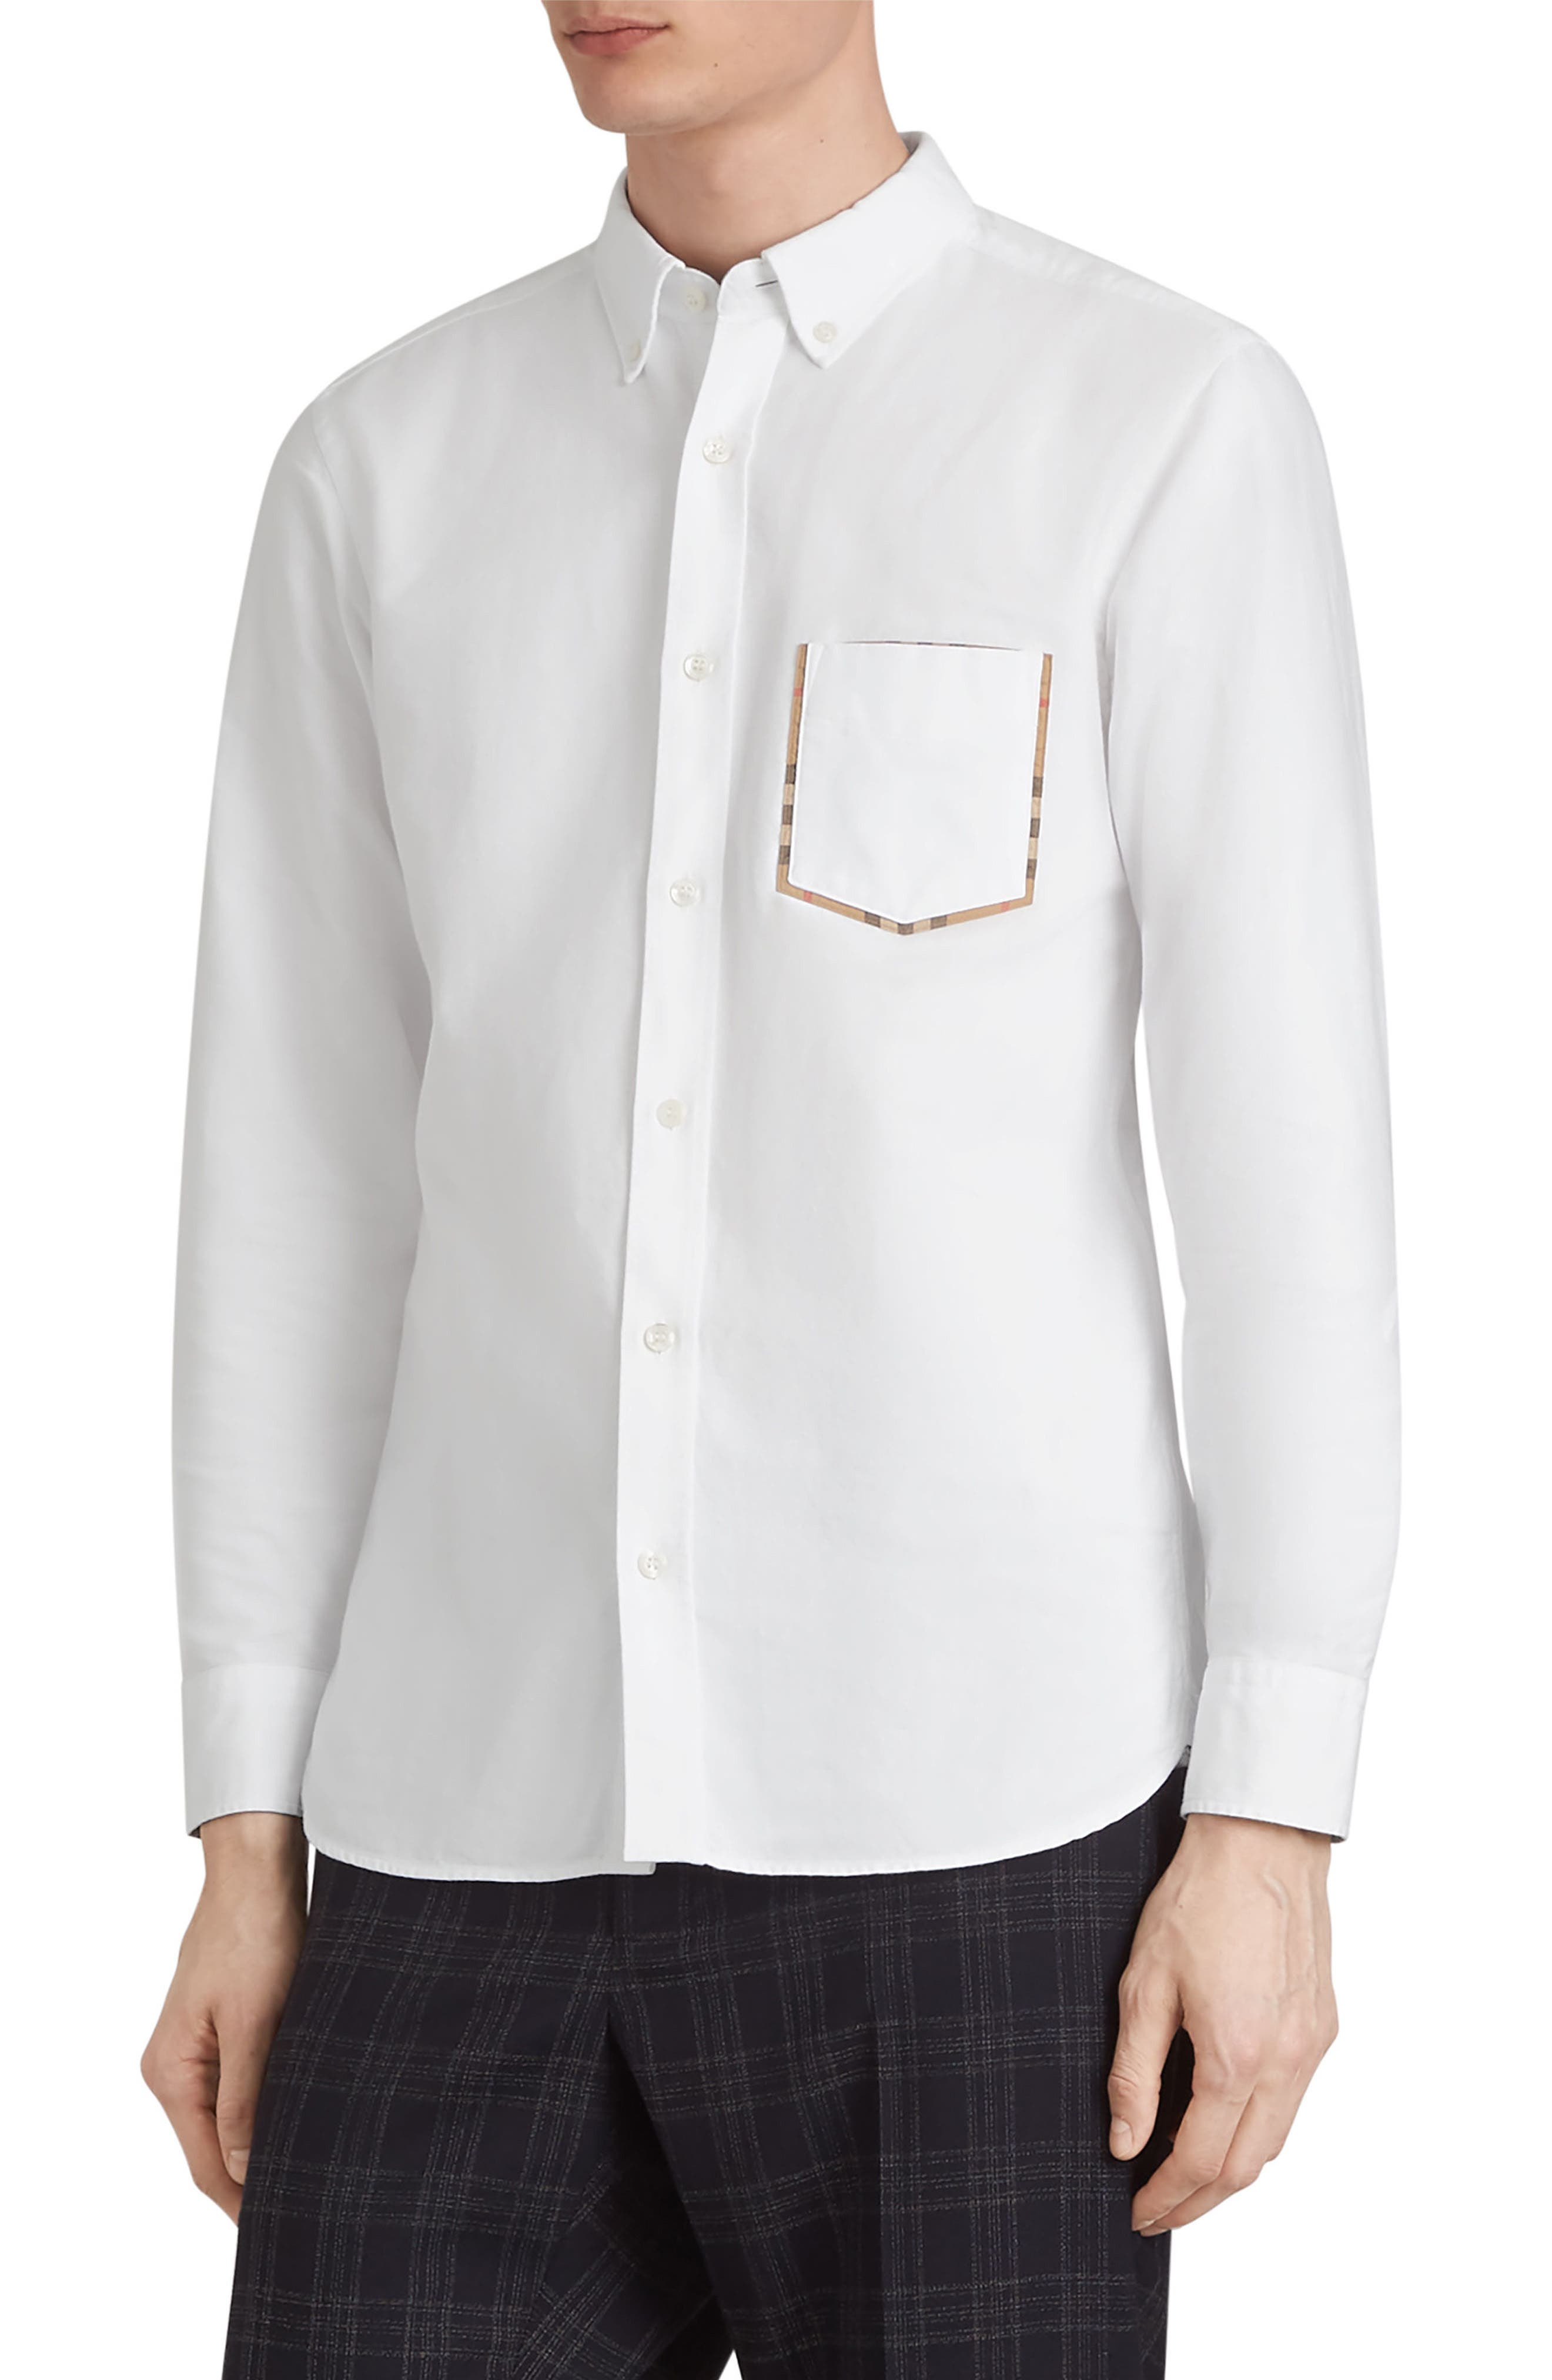 BURBERRY Harry Check Trim Sport Shirt, Main, color, WHITE